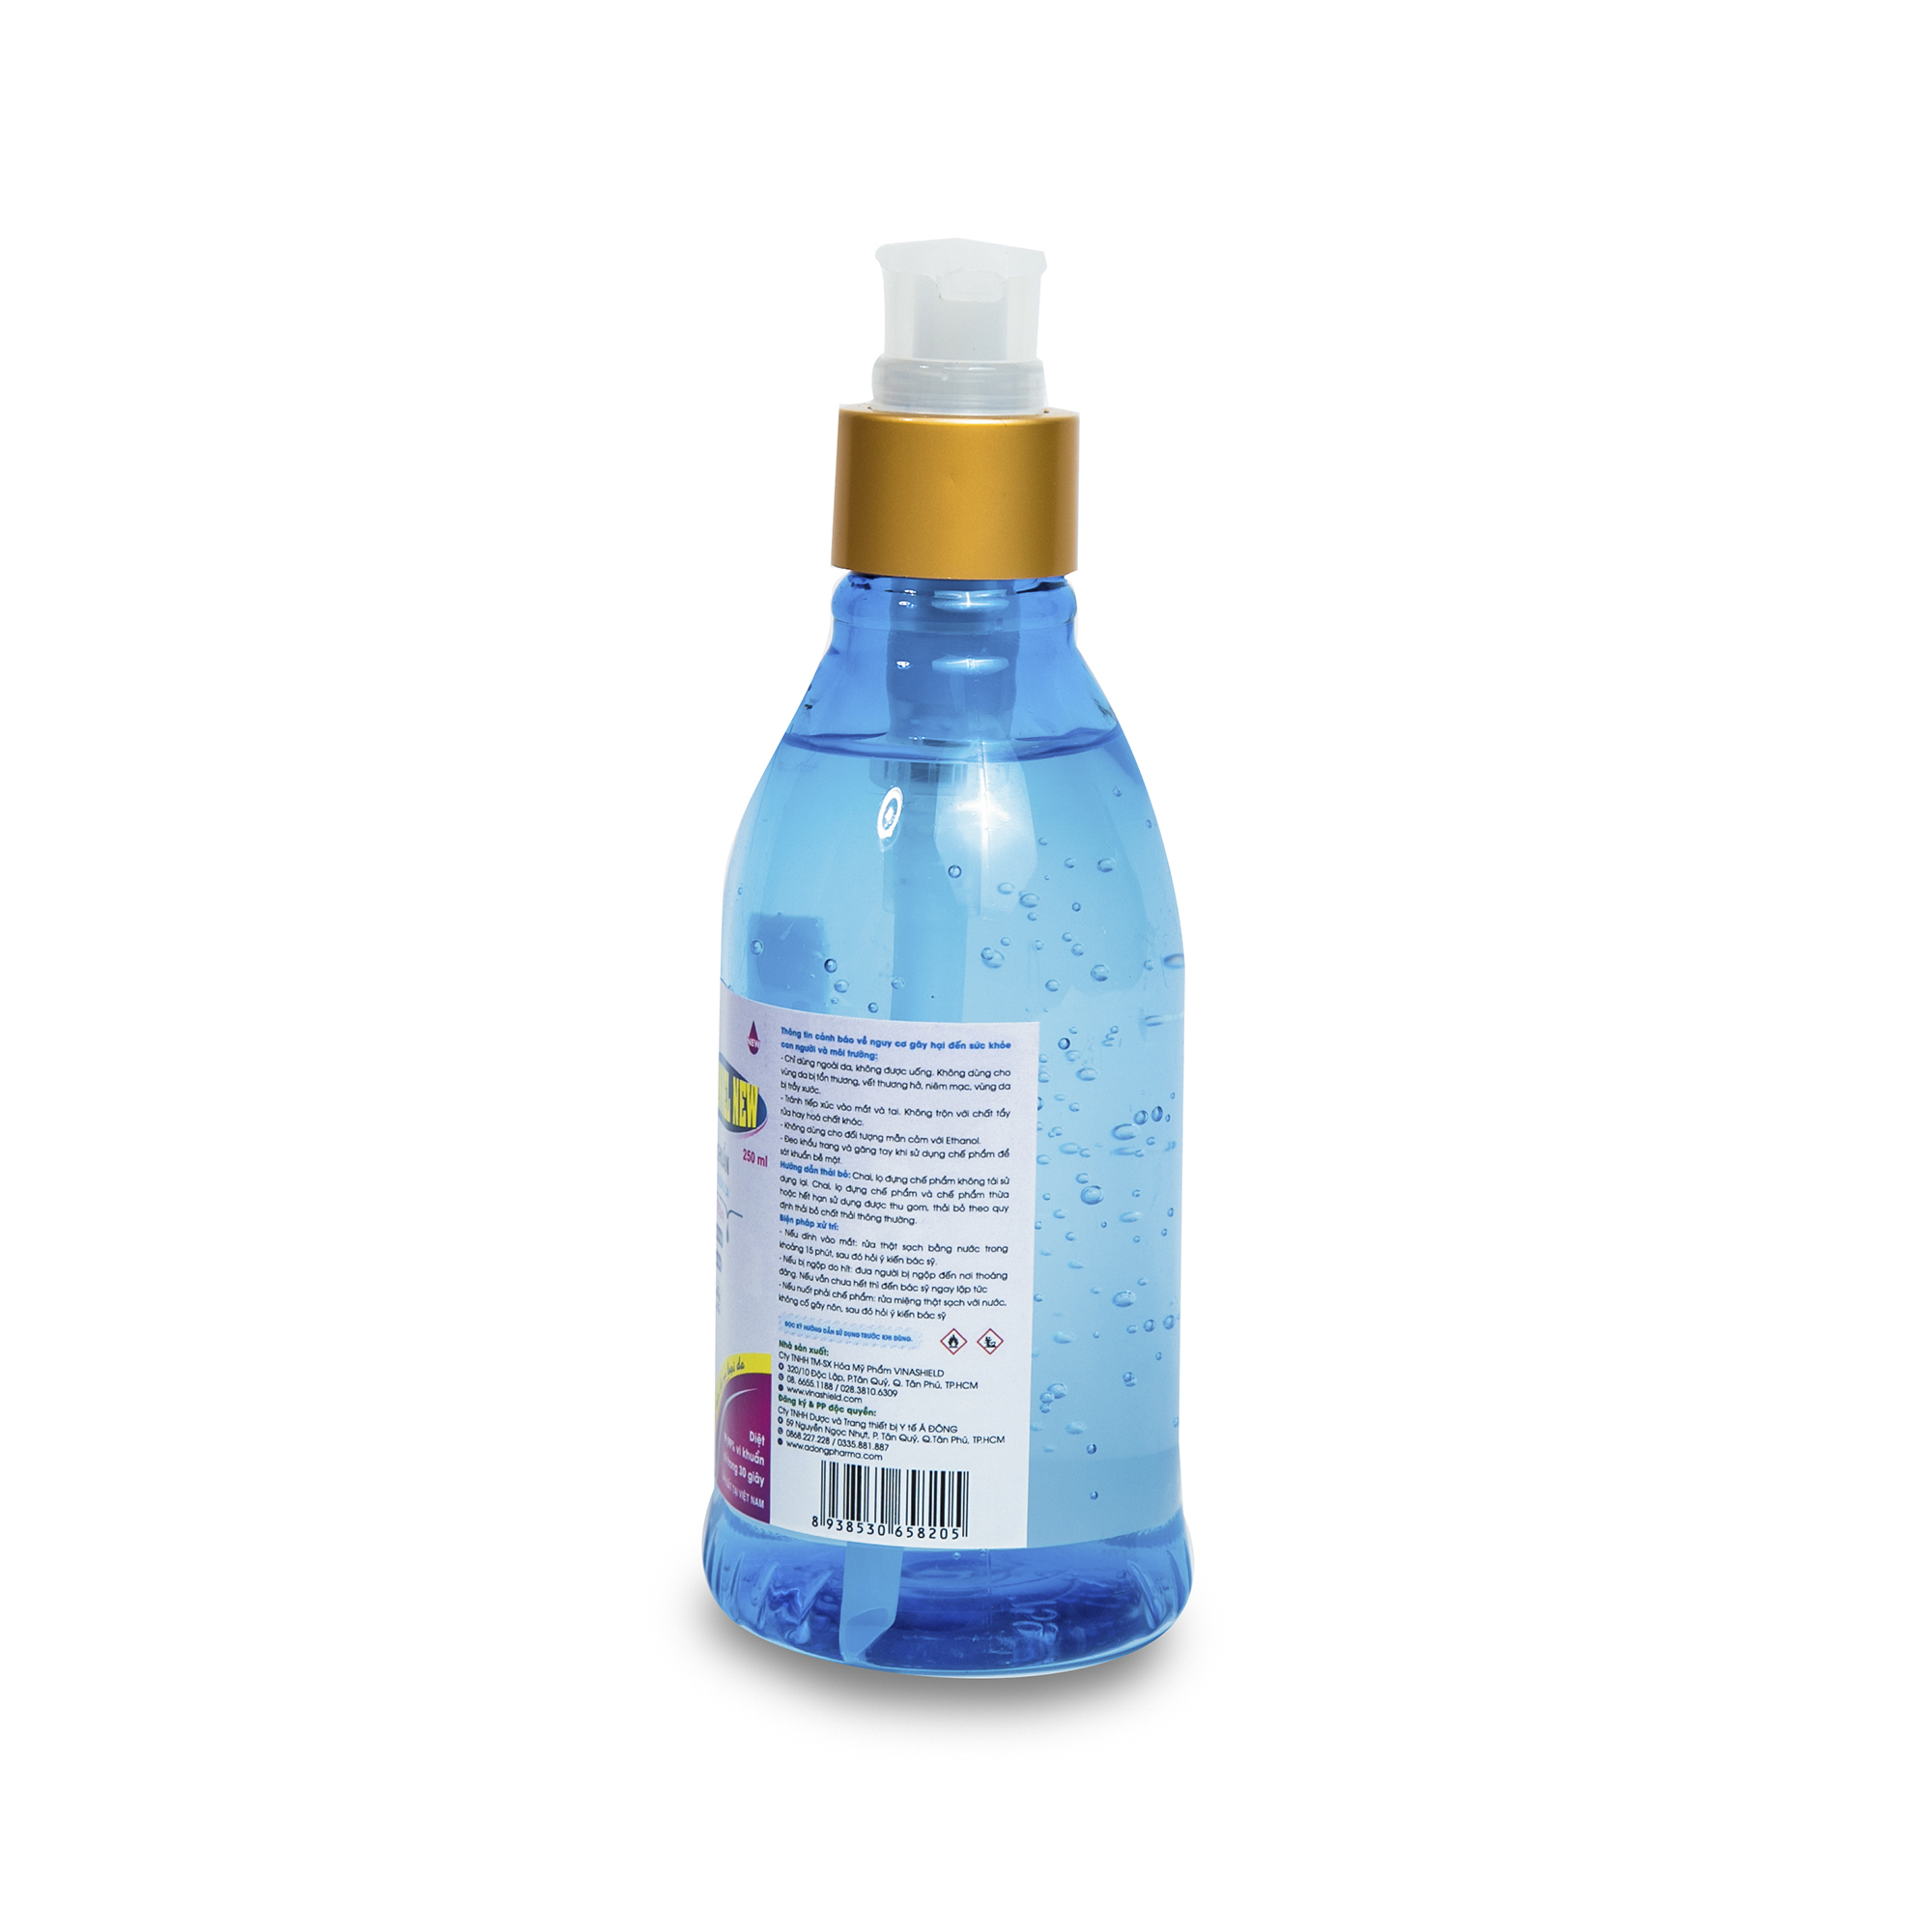 DD sát khuẩn tay nhanh CLEANWEL NEW 250 ml